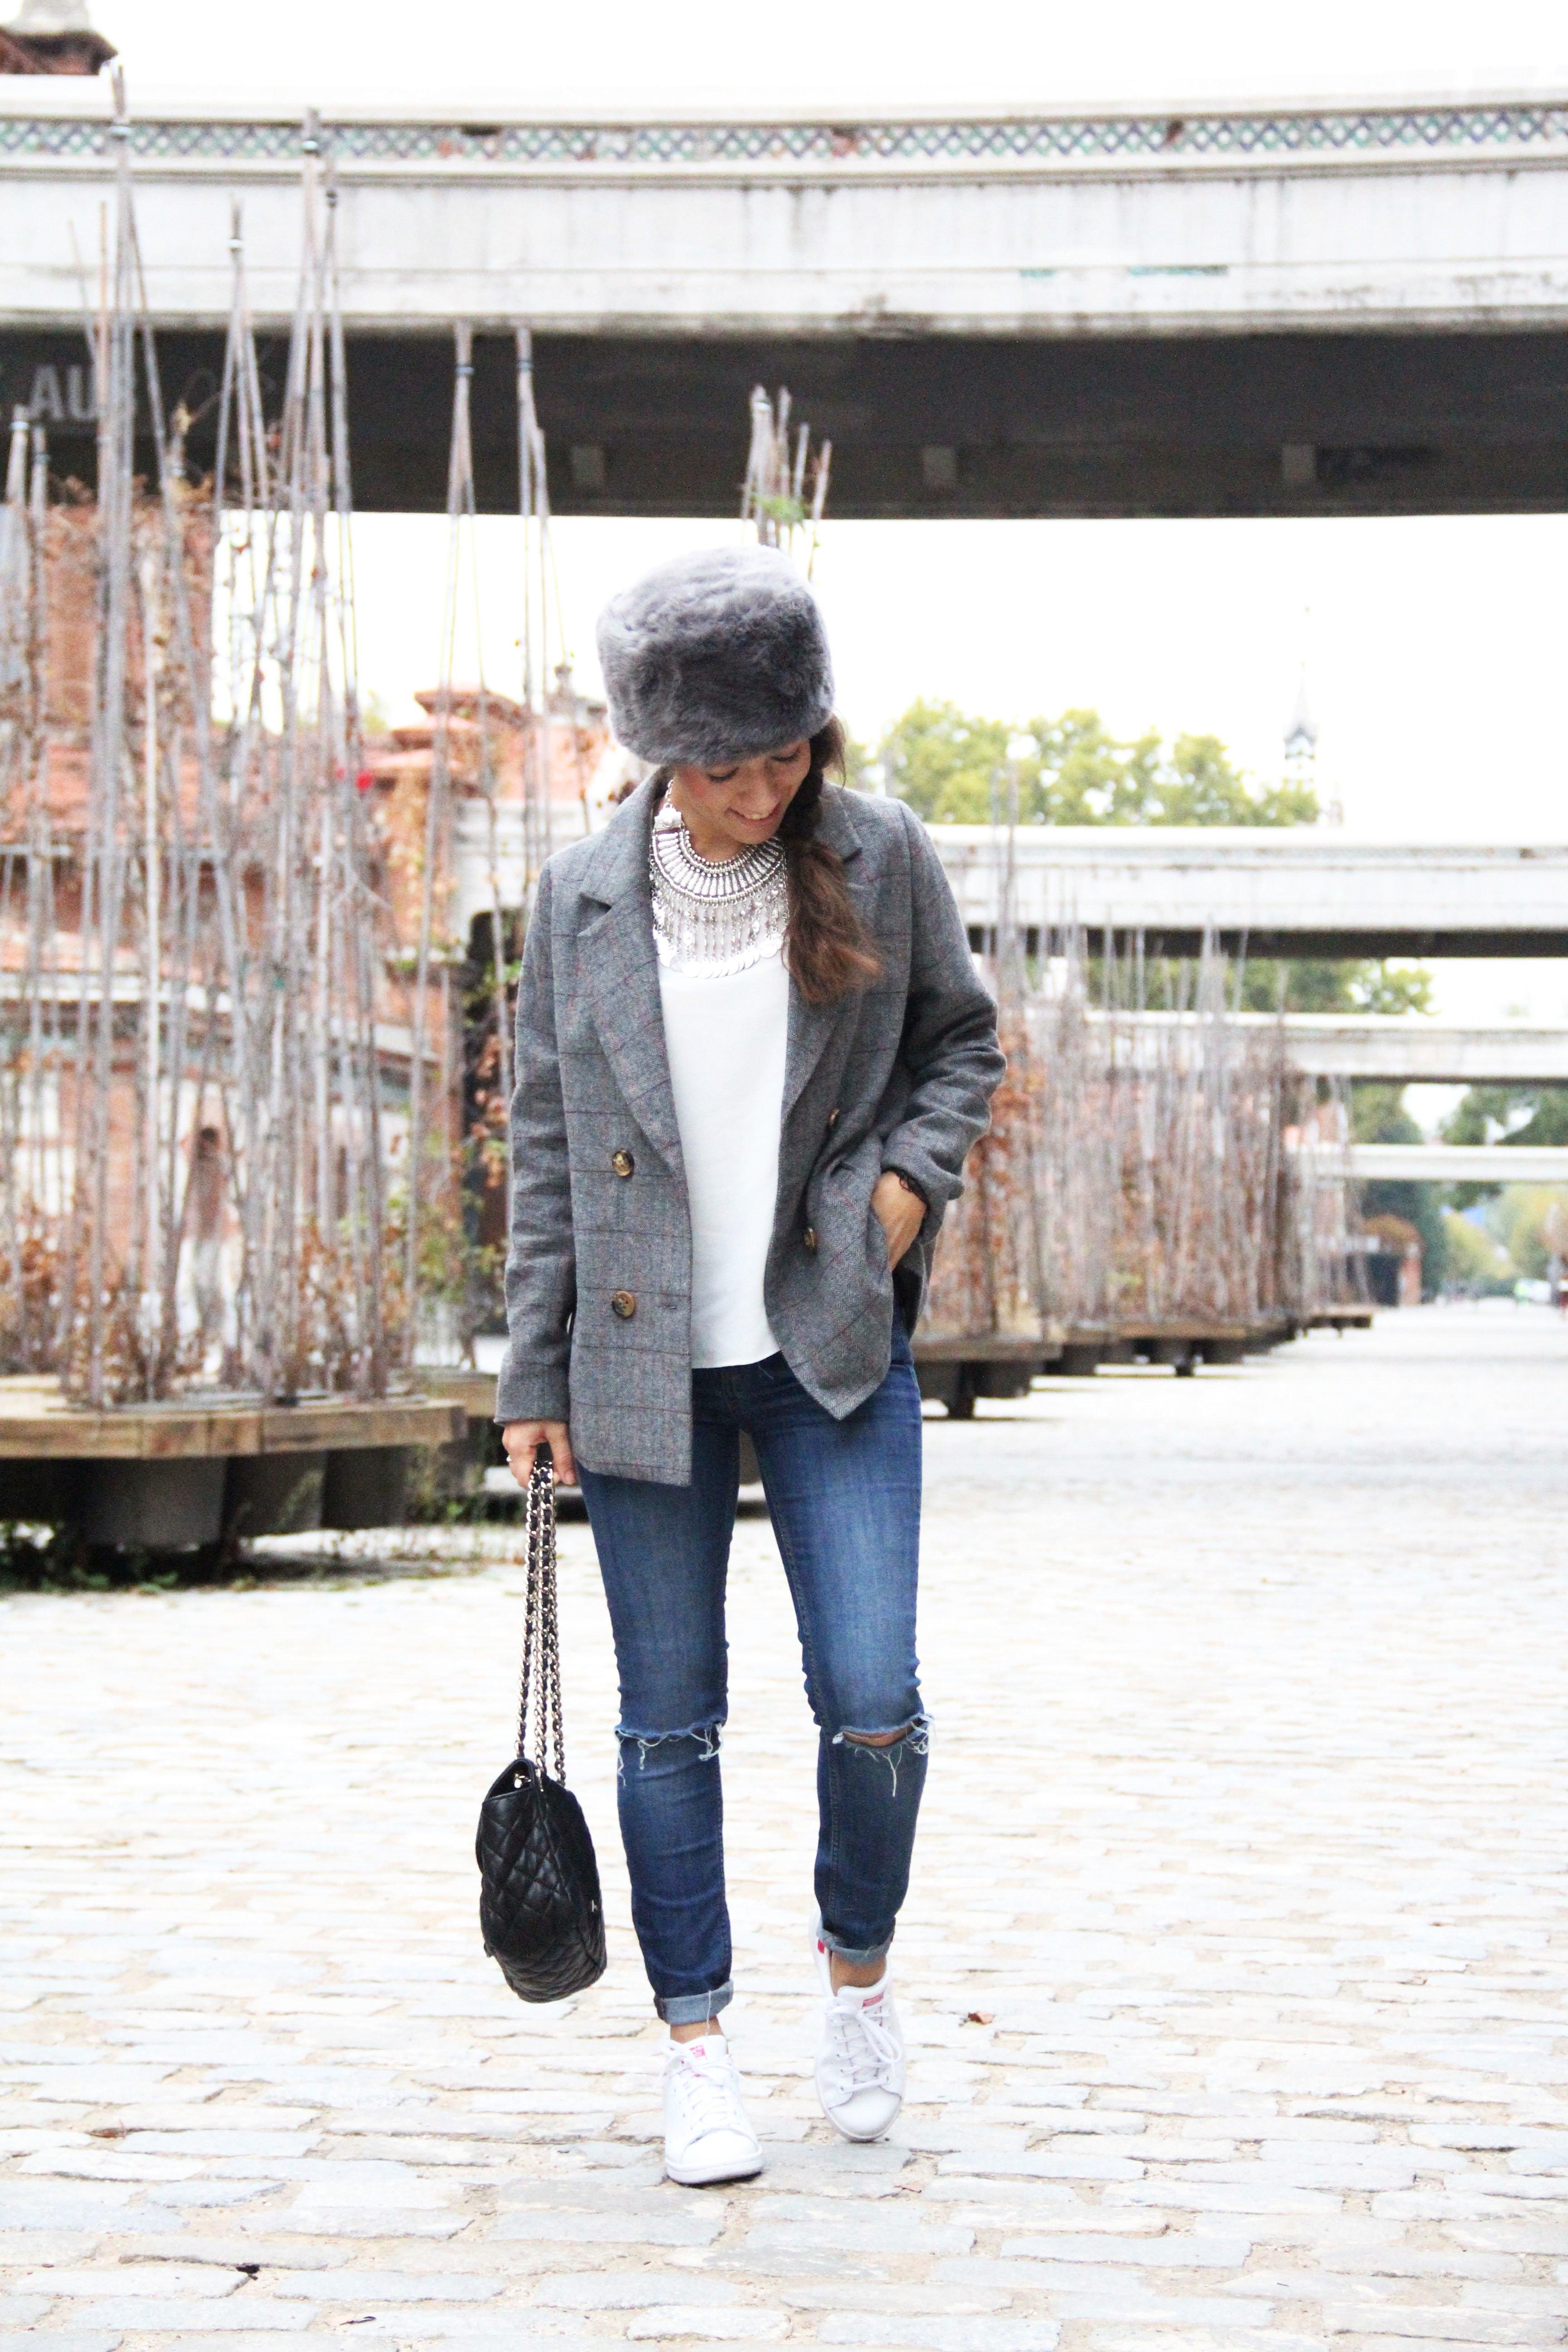 1_Less_is_more-ripped_jeans-compañía_fantástica-zapatillas_blancas-sneackers-gorro_de_pelo-blazer_de_cuadros-outfit-street_style-outfit-fashion_blogger